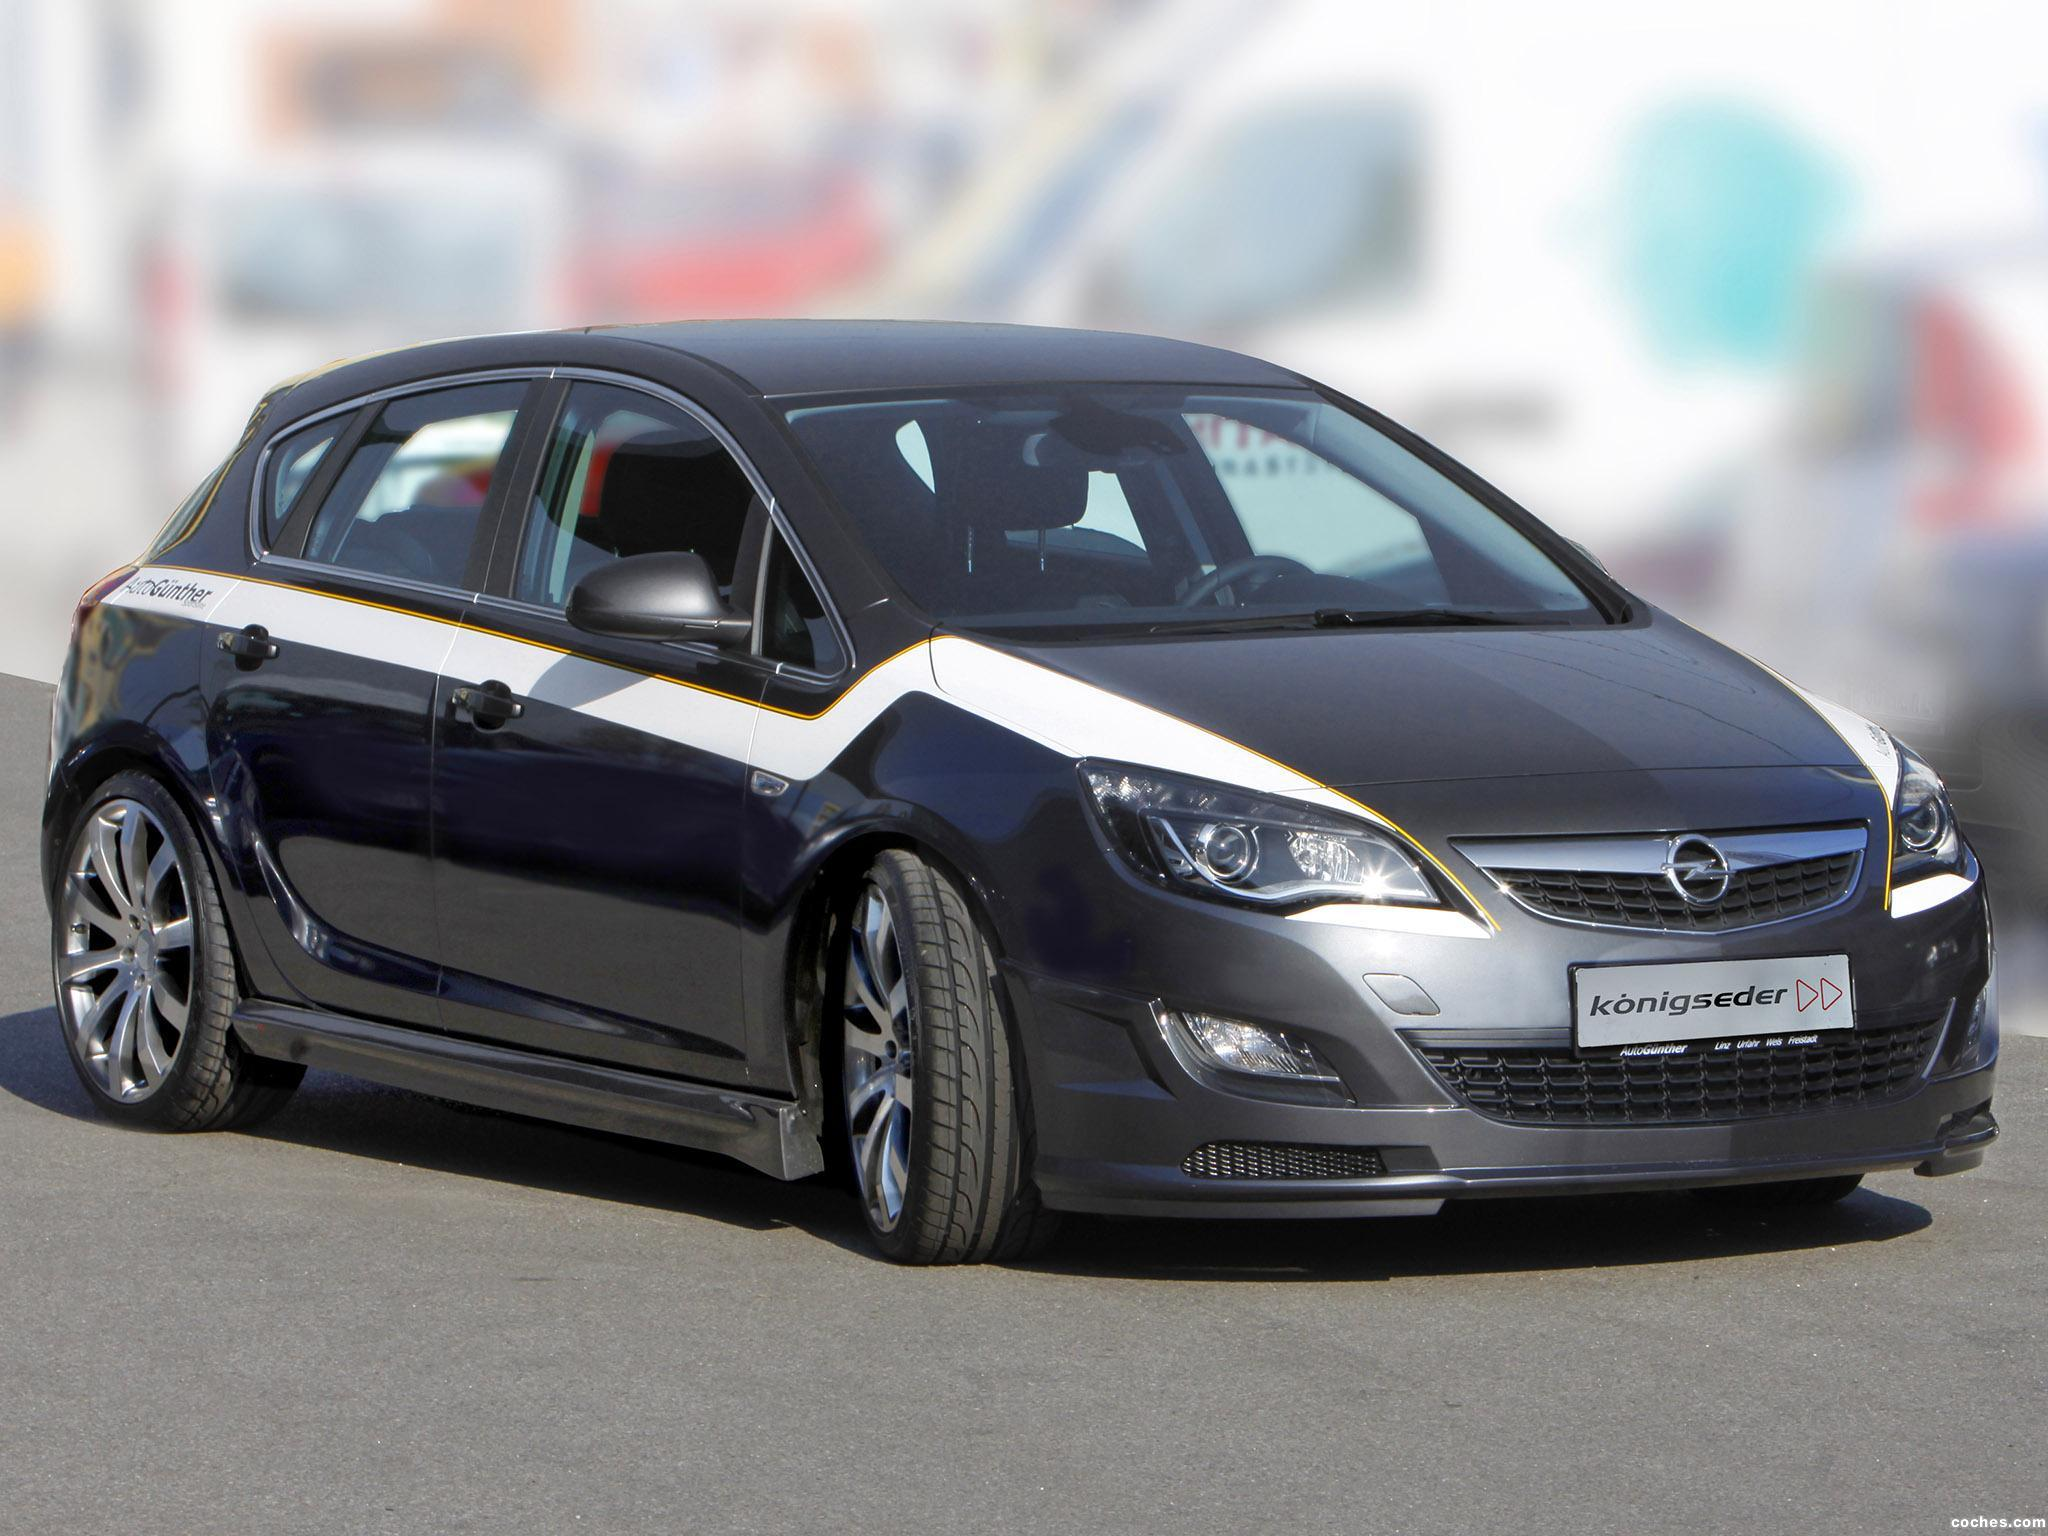 Foto 0 de Konigseder Opel Astra 2010